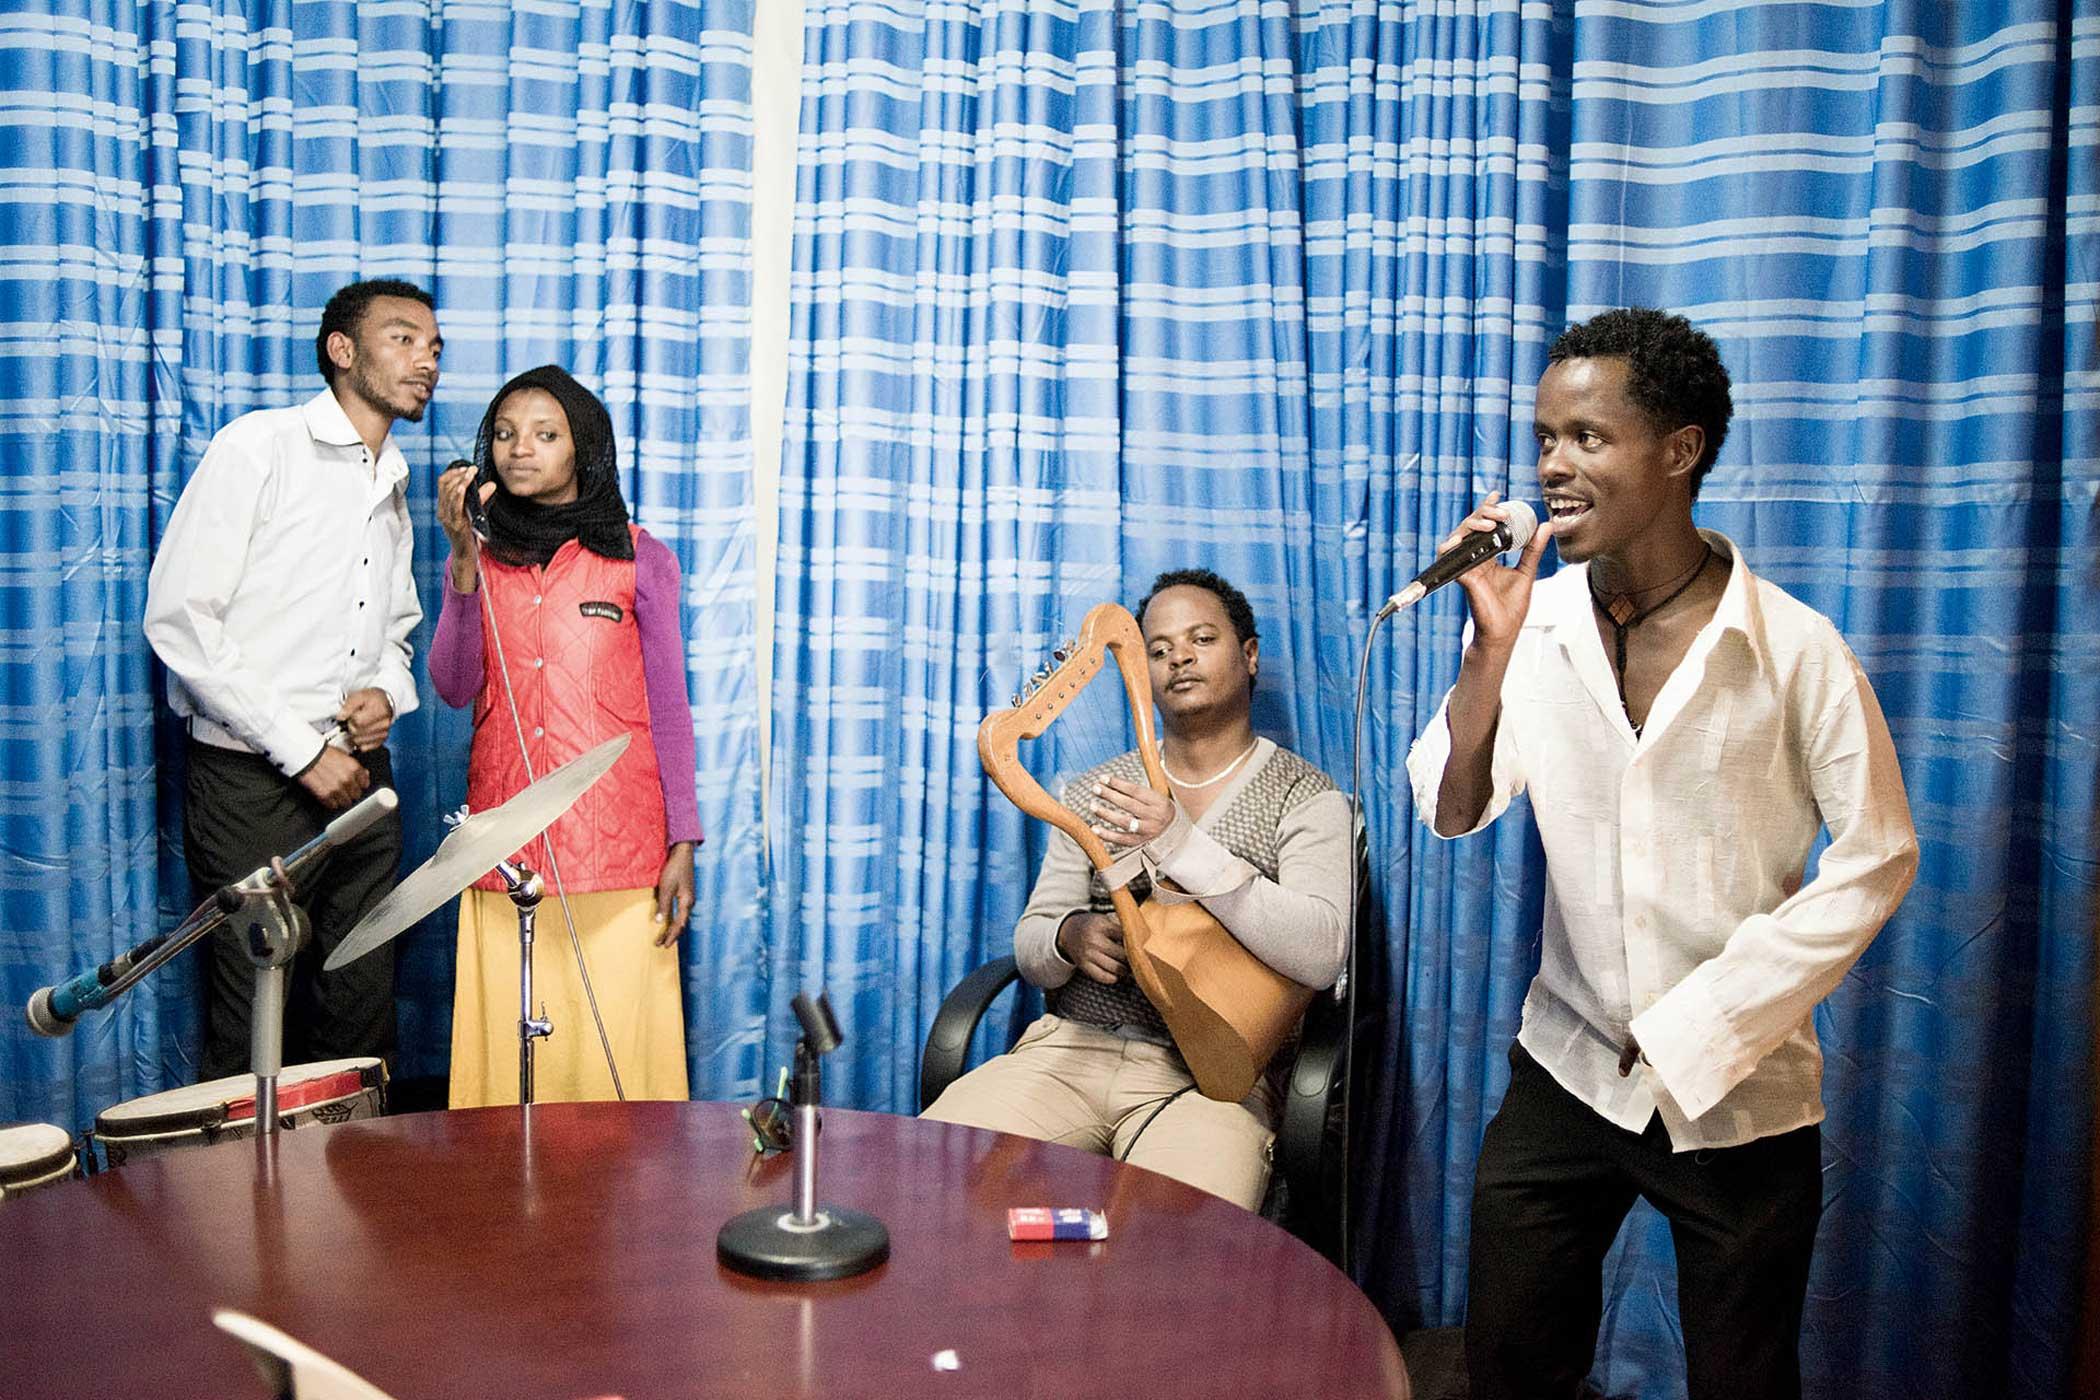 Circus Debere Berhan Circus members recording music at a local radio station.